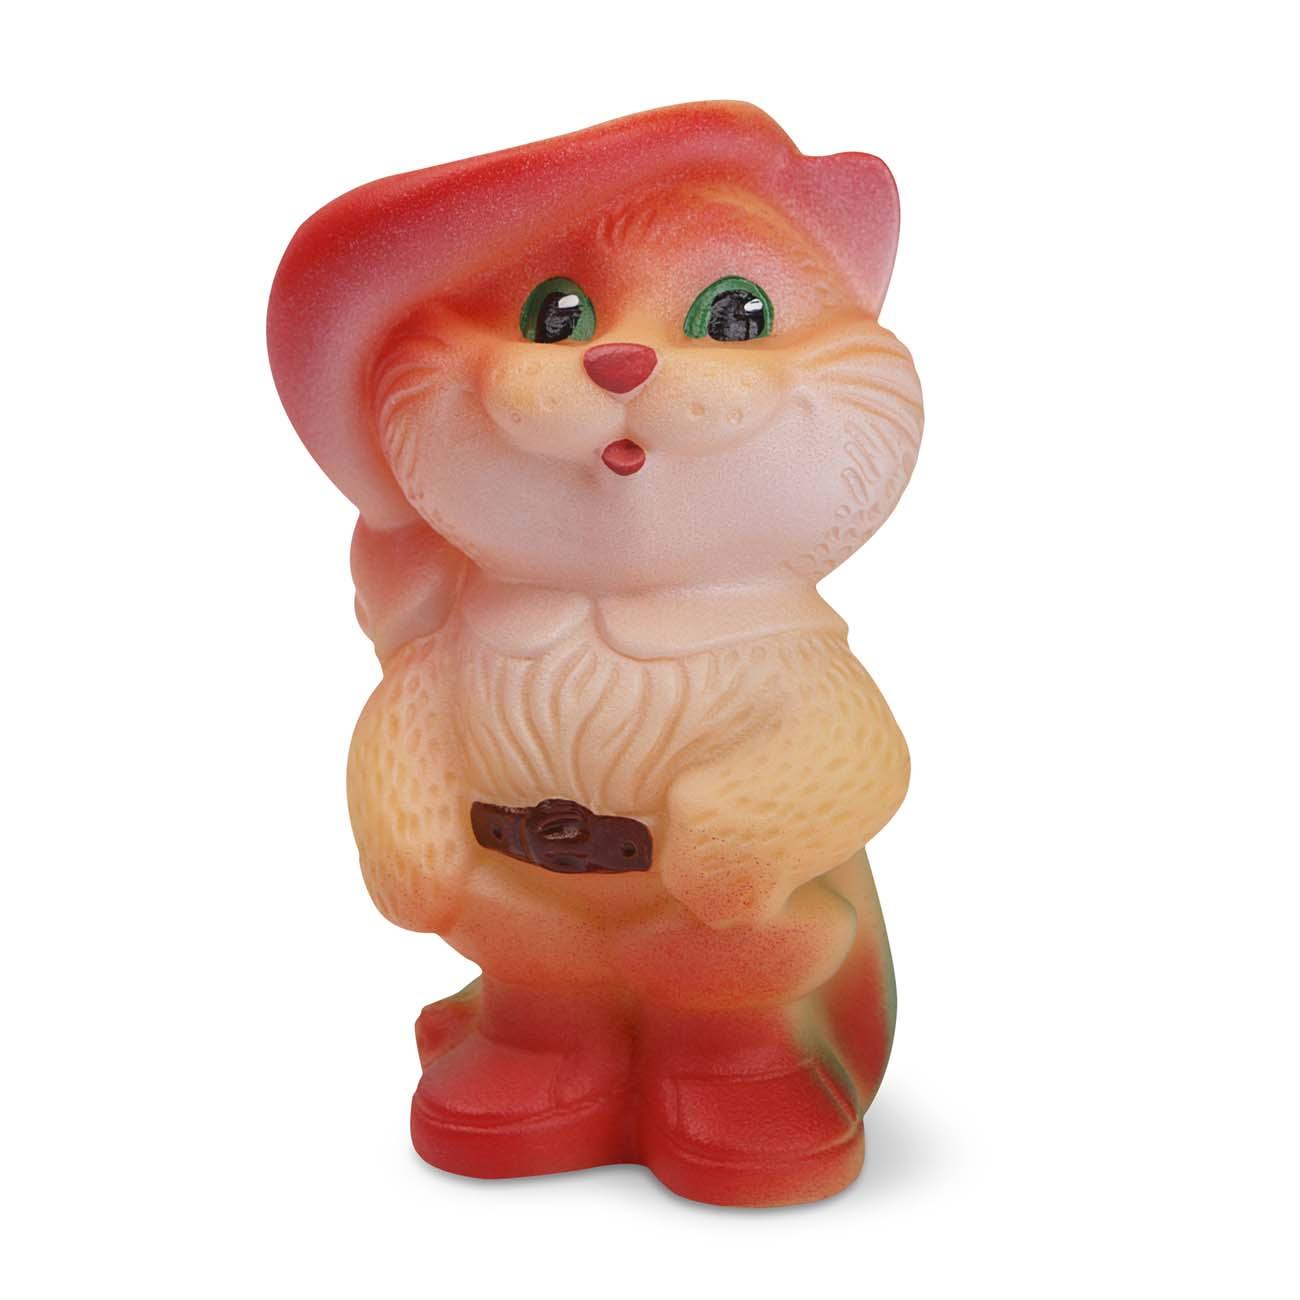 Купить со скидкой Игрушечная фигурка - Кот в сапогах